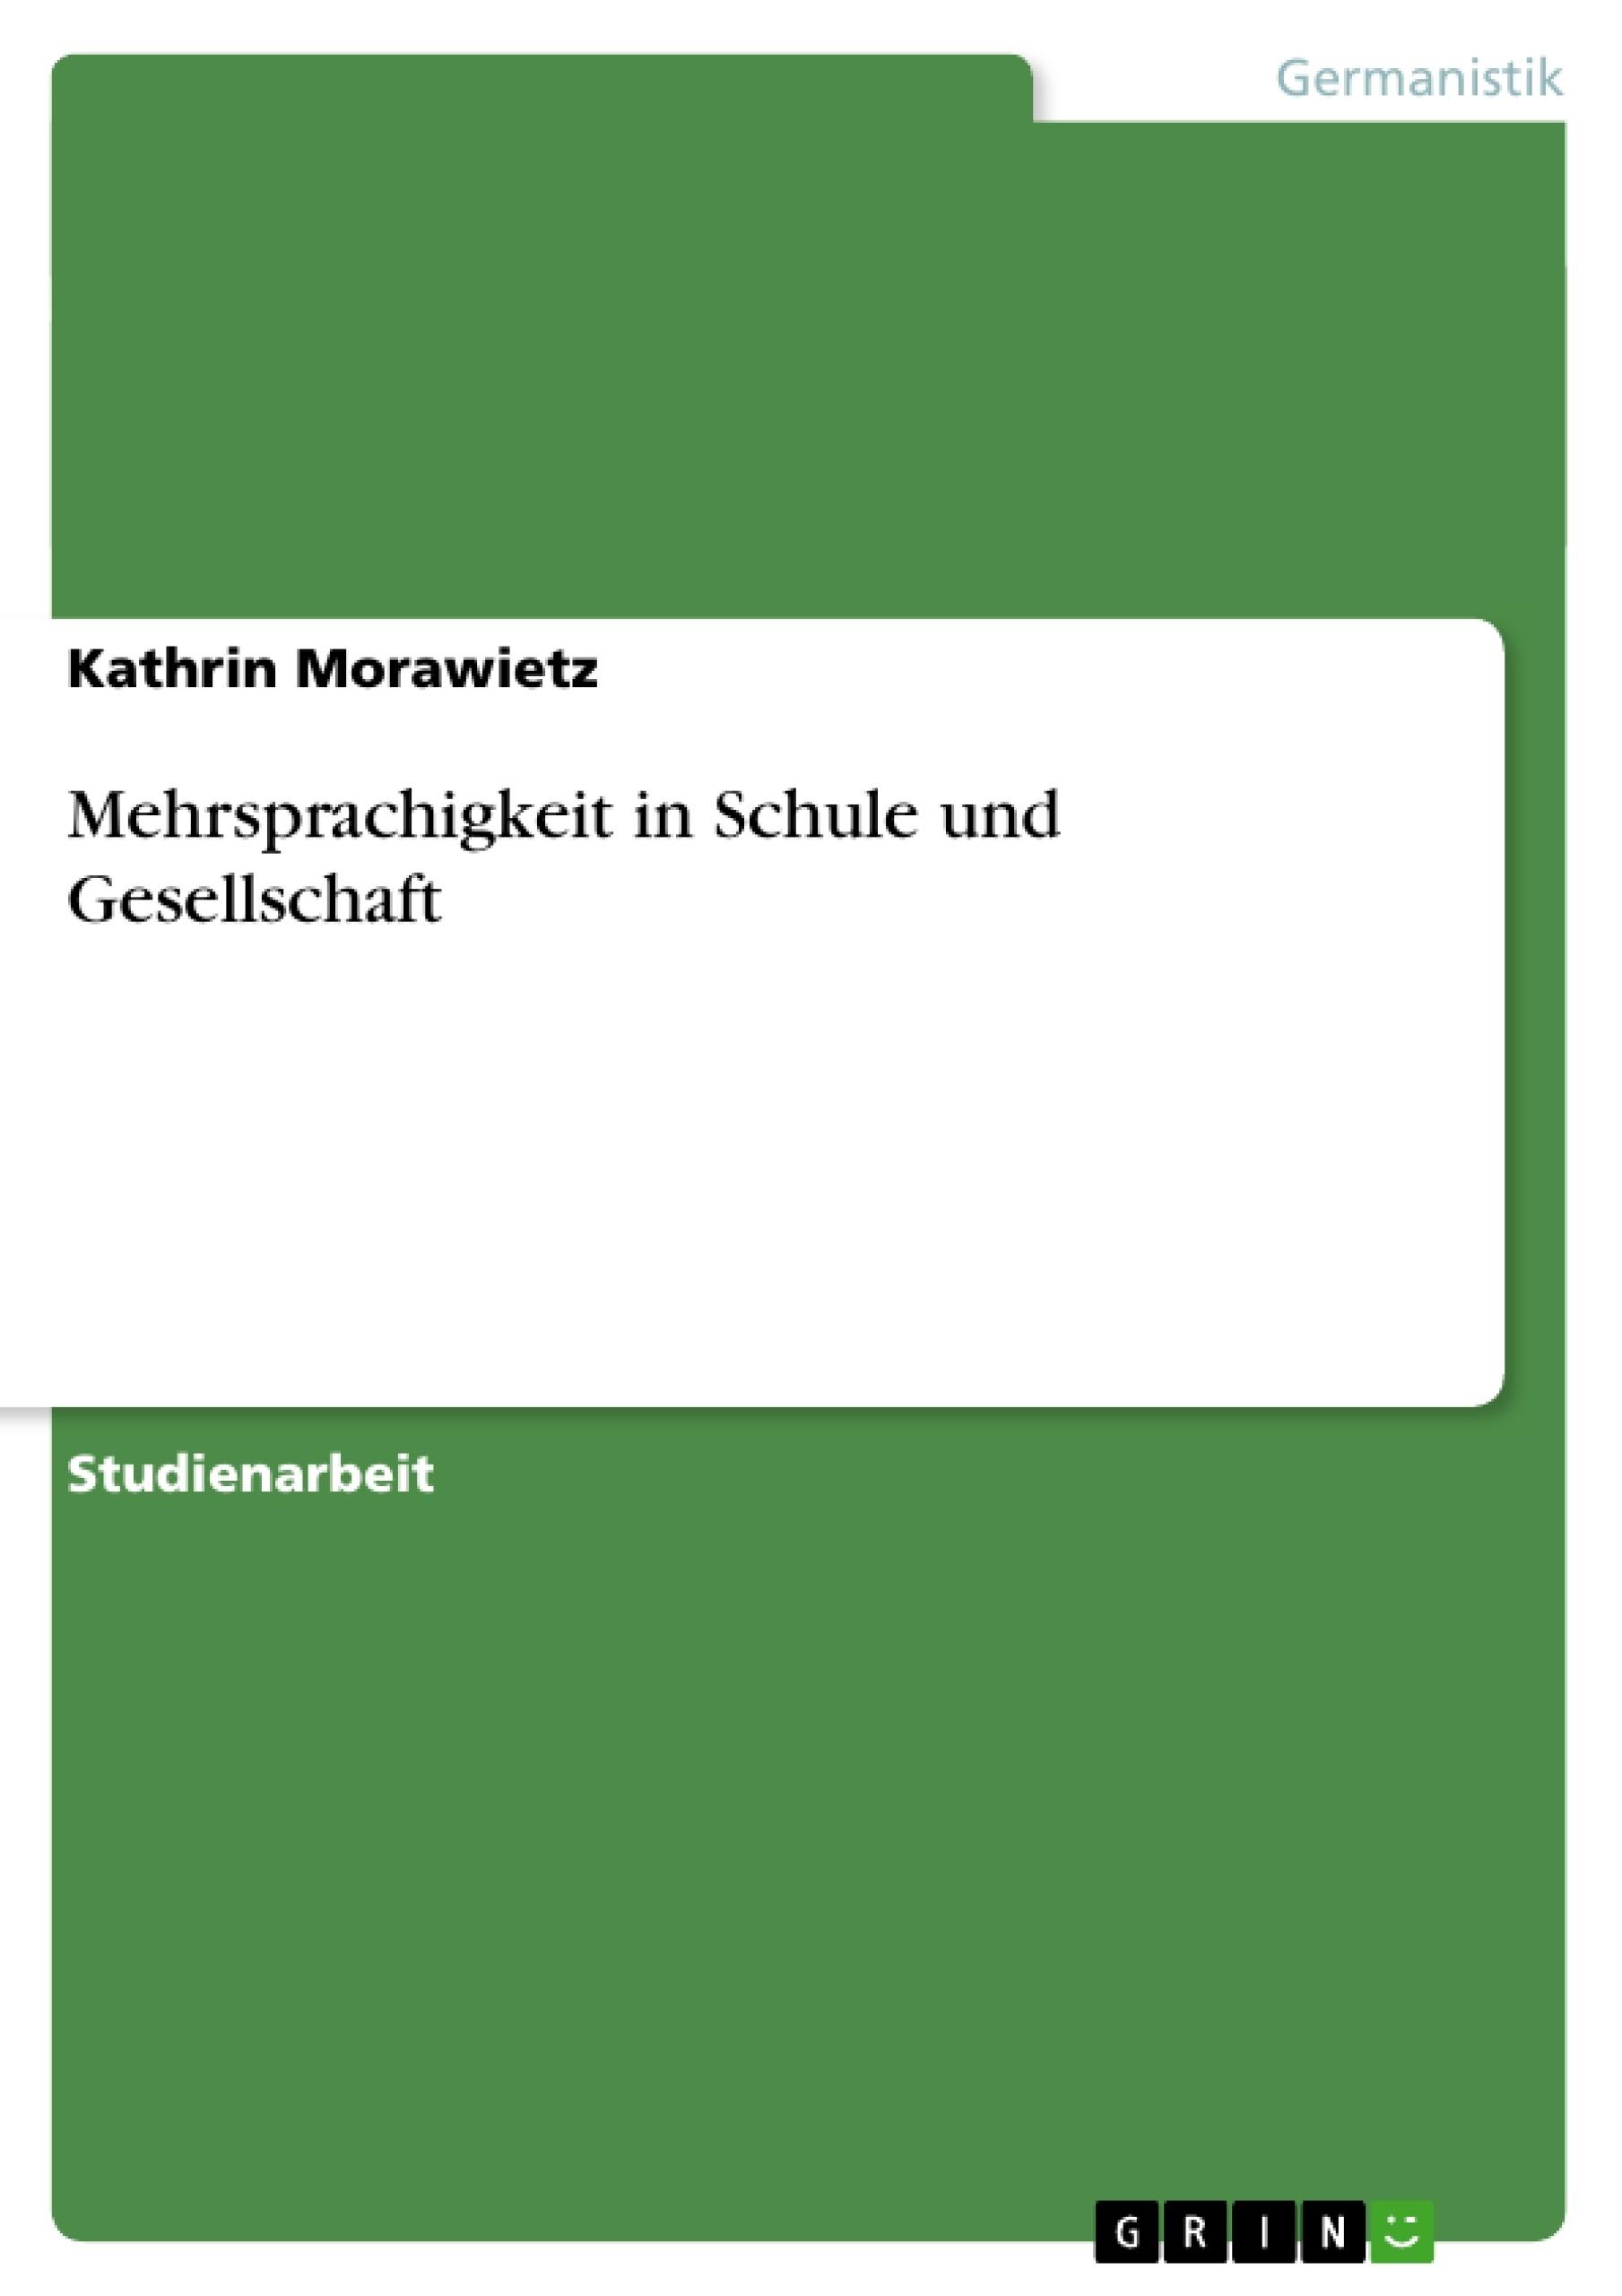 Titel: Mehrsprachigkeit in Schule und Gesellschaft